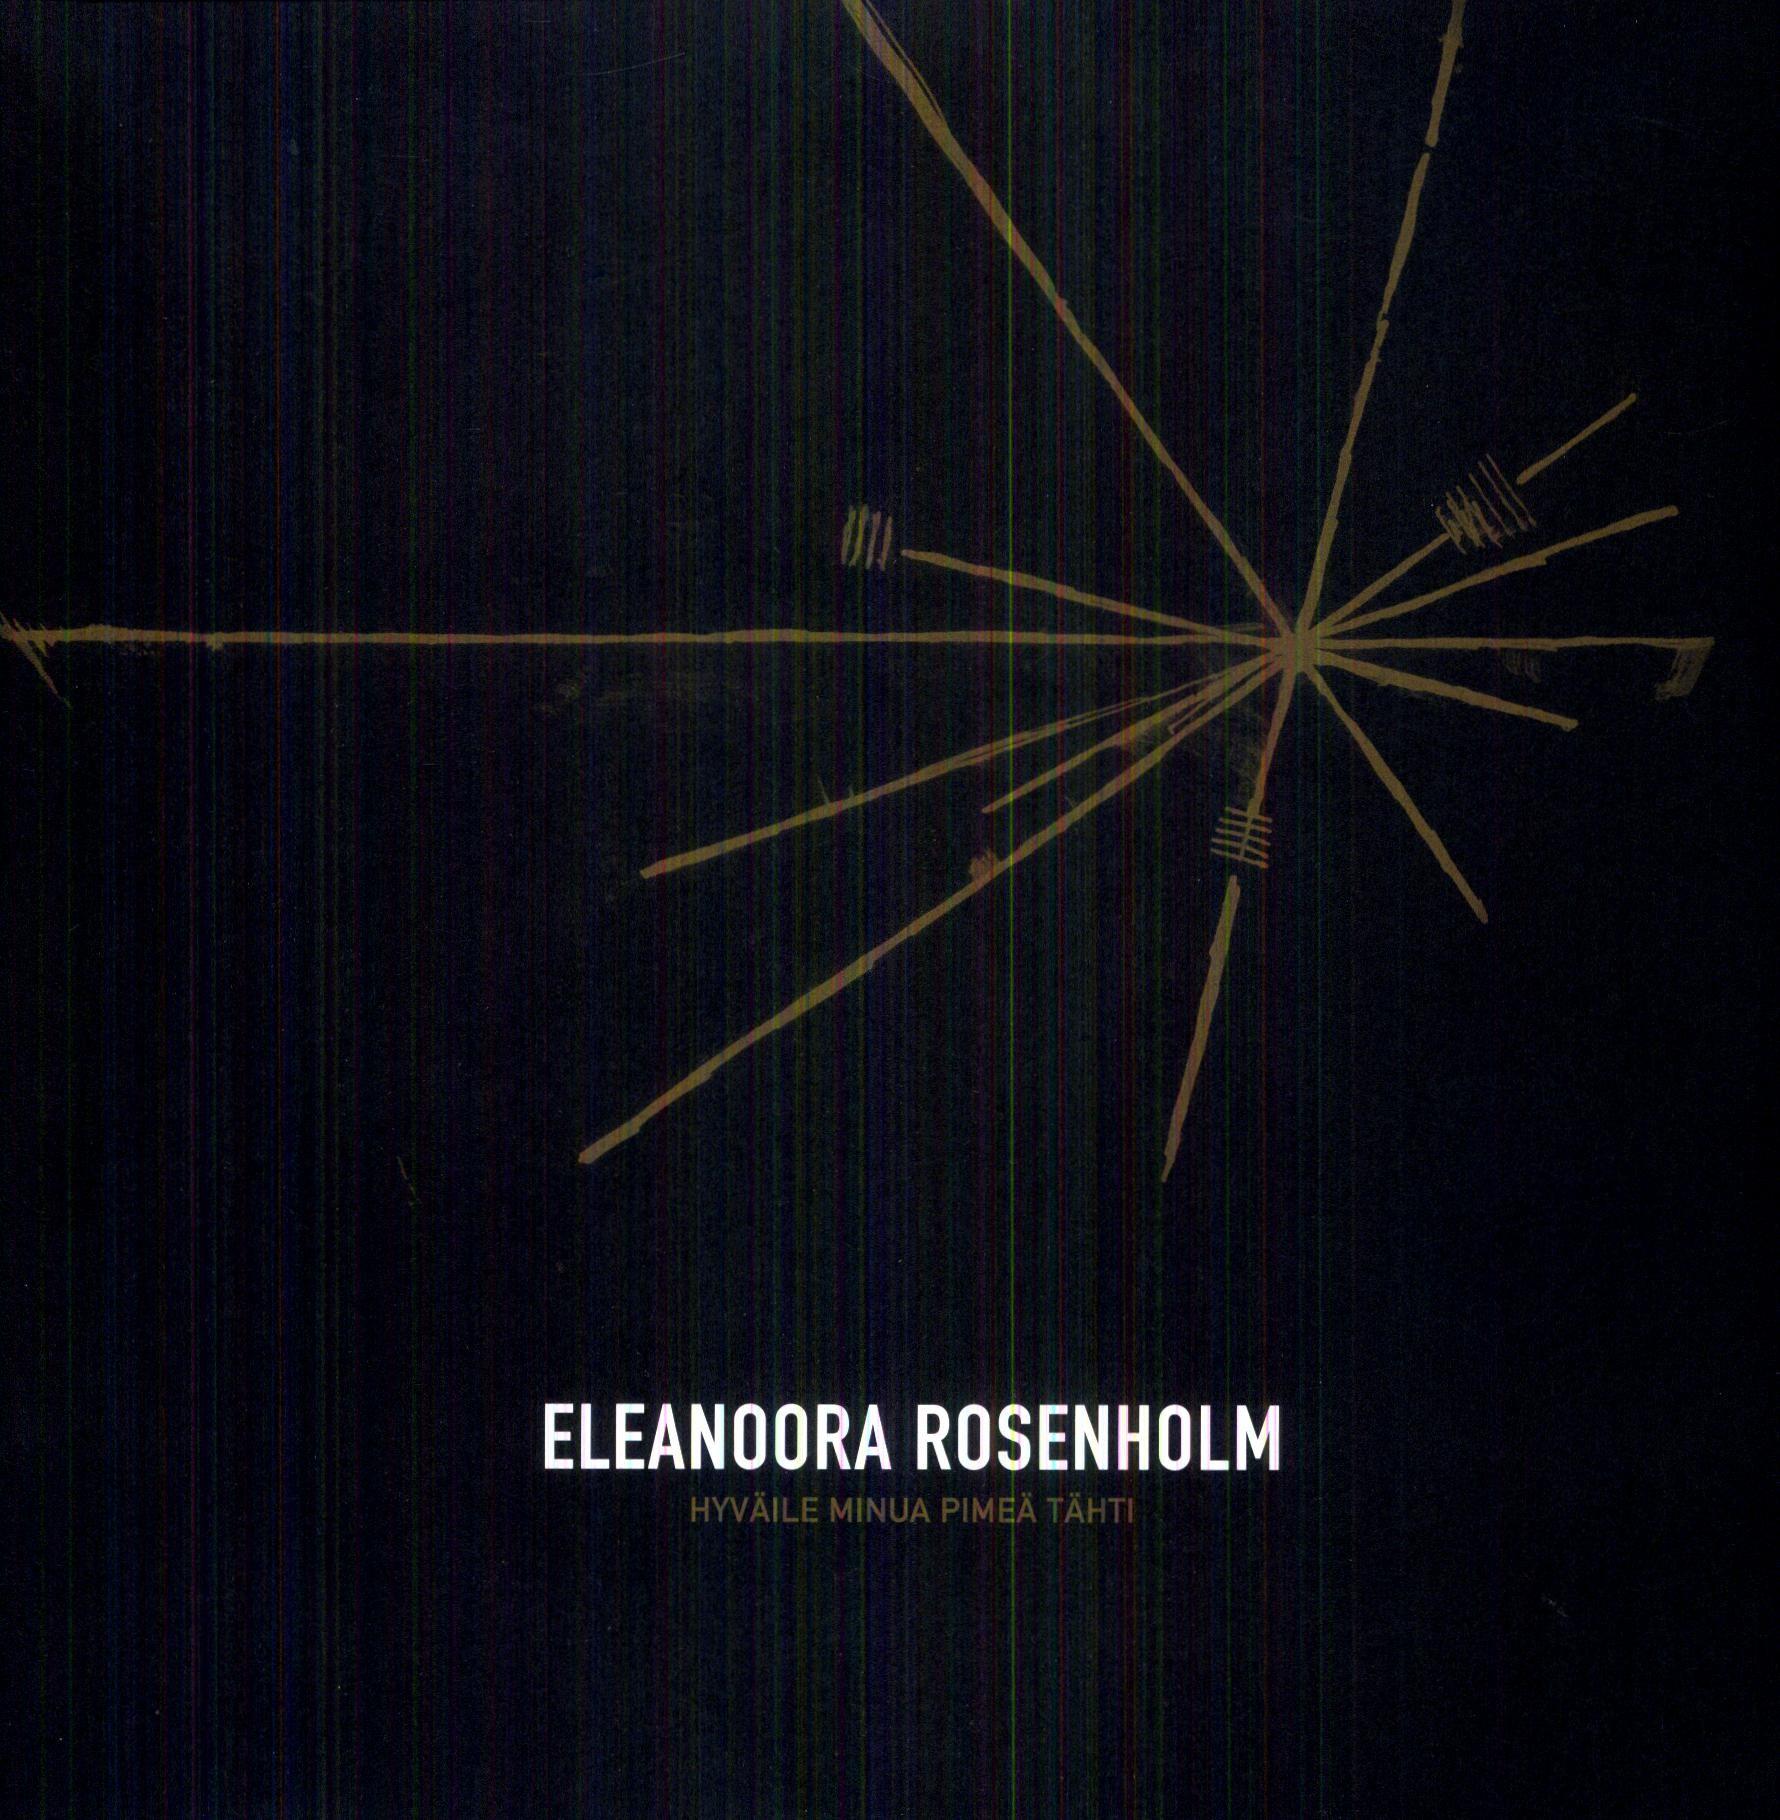 Eleanoora Rosenholm - Hyvaile Minua Pimea Tahti